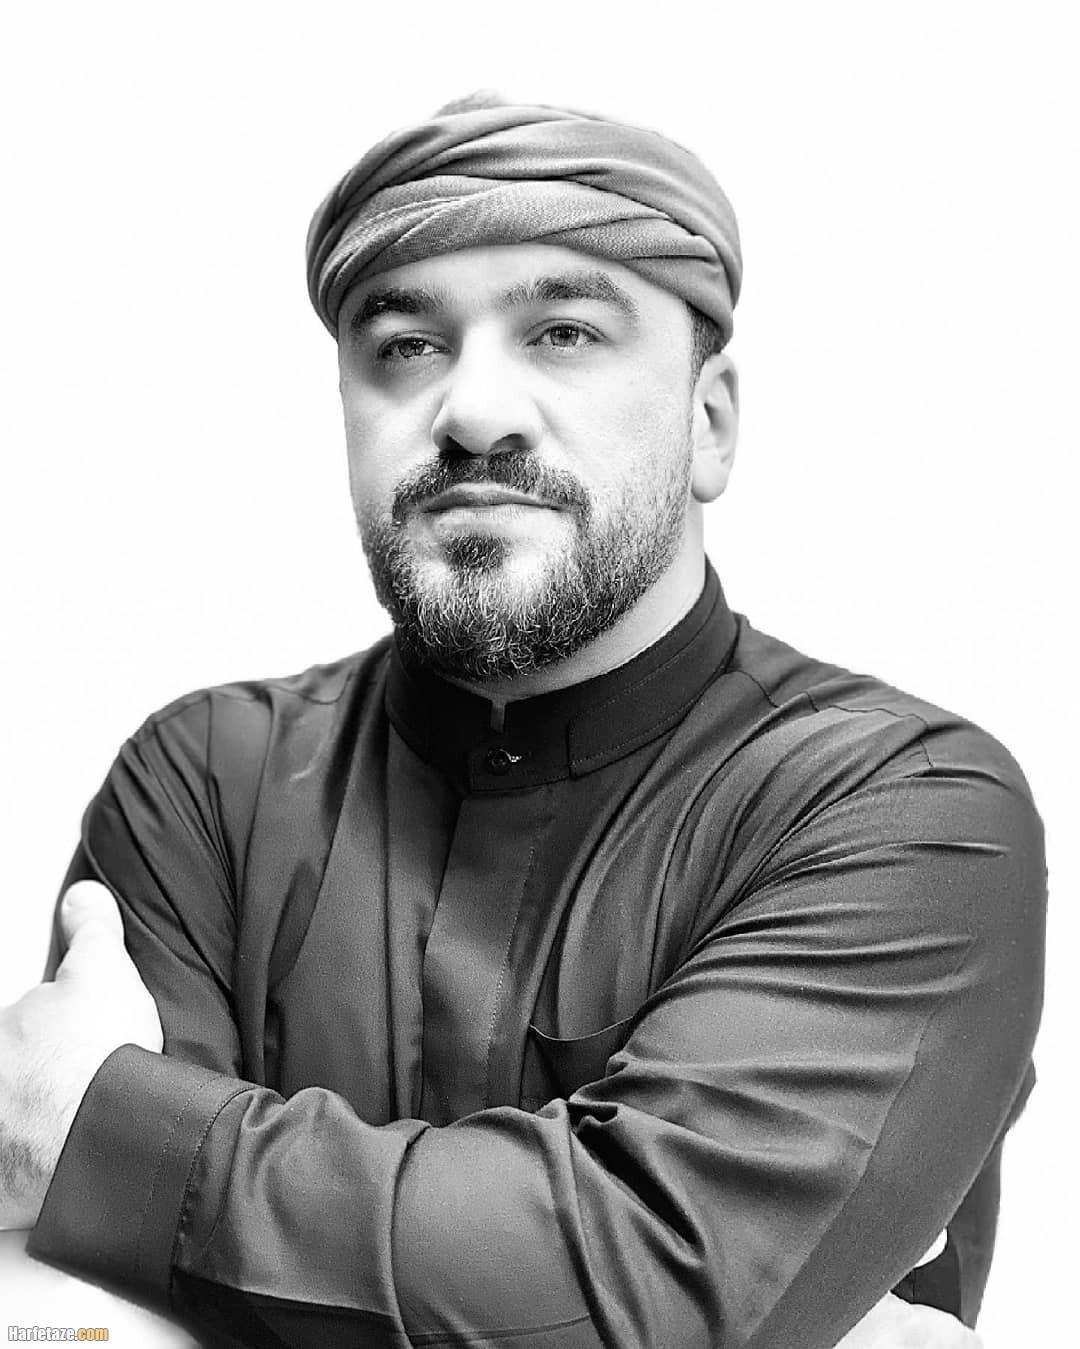 بیوگرافی سید طالع باکویی مداح معروف + عکس ها و همسر و فرزندان